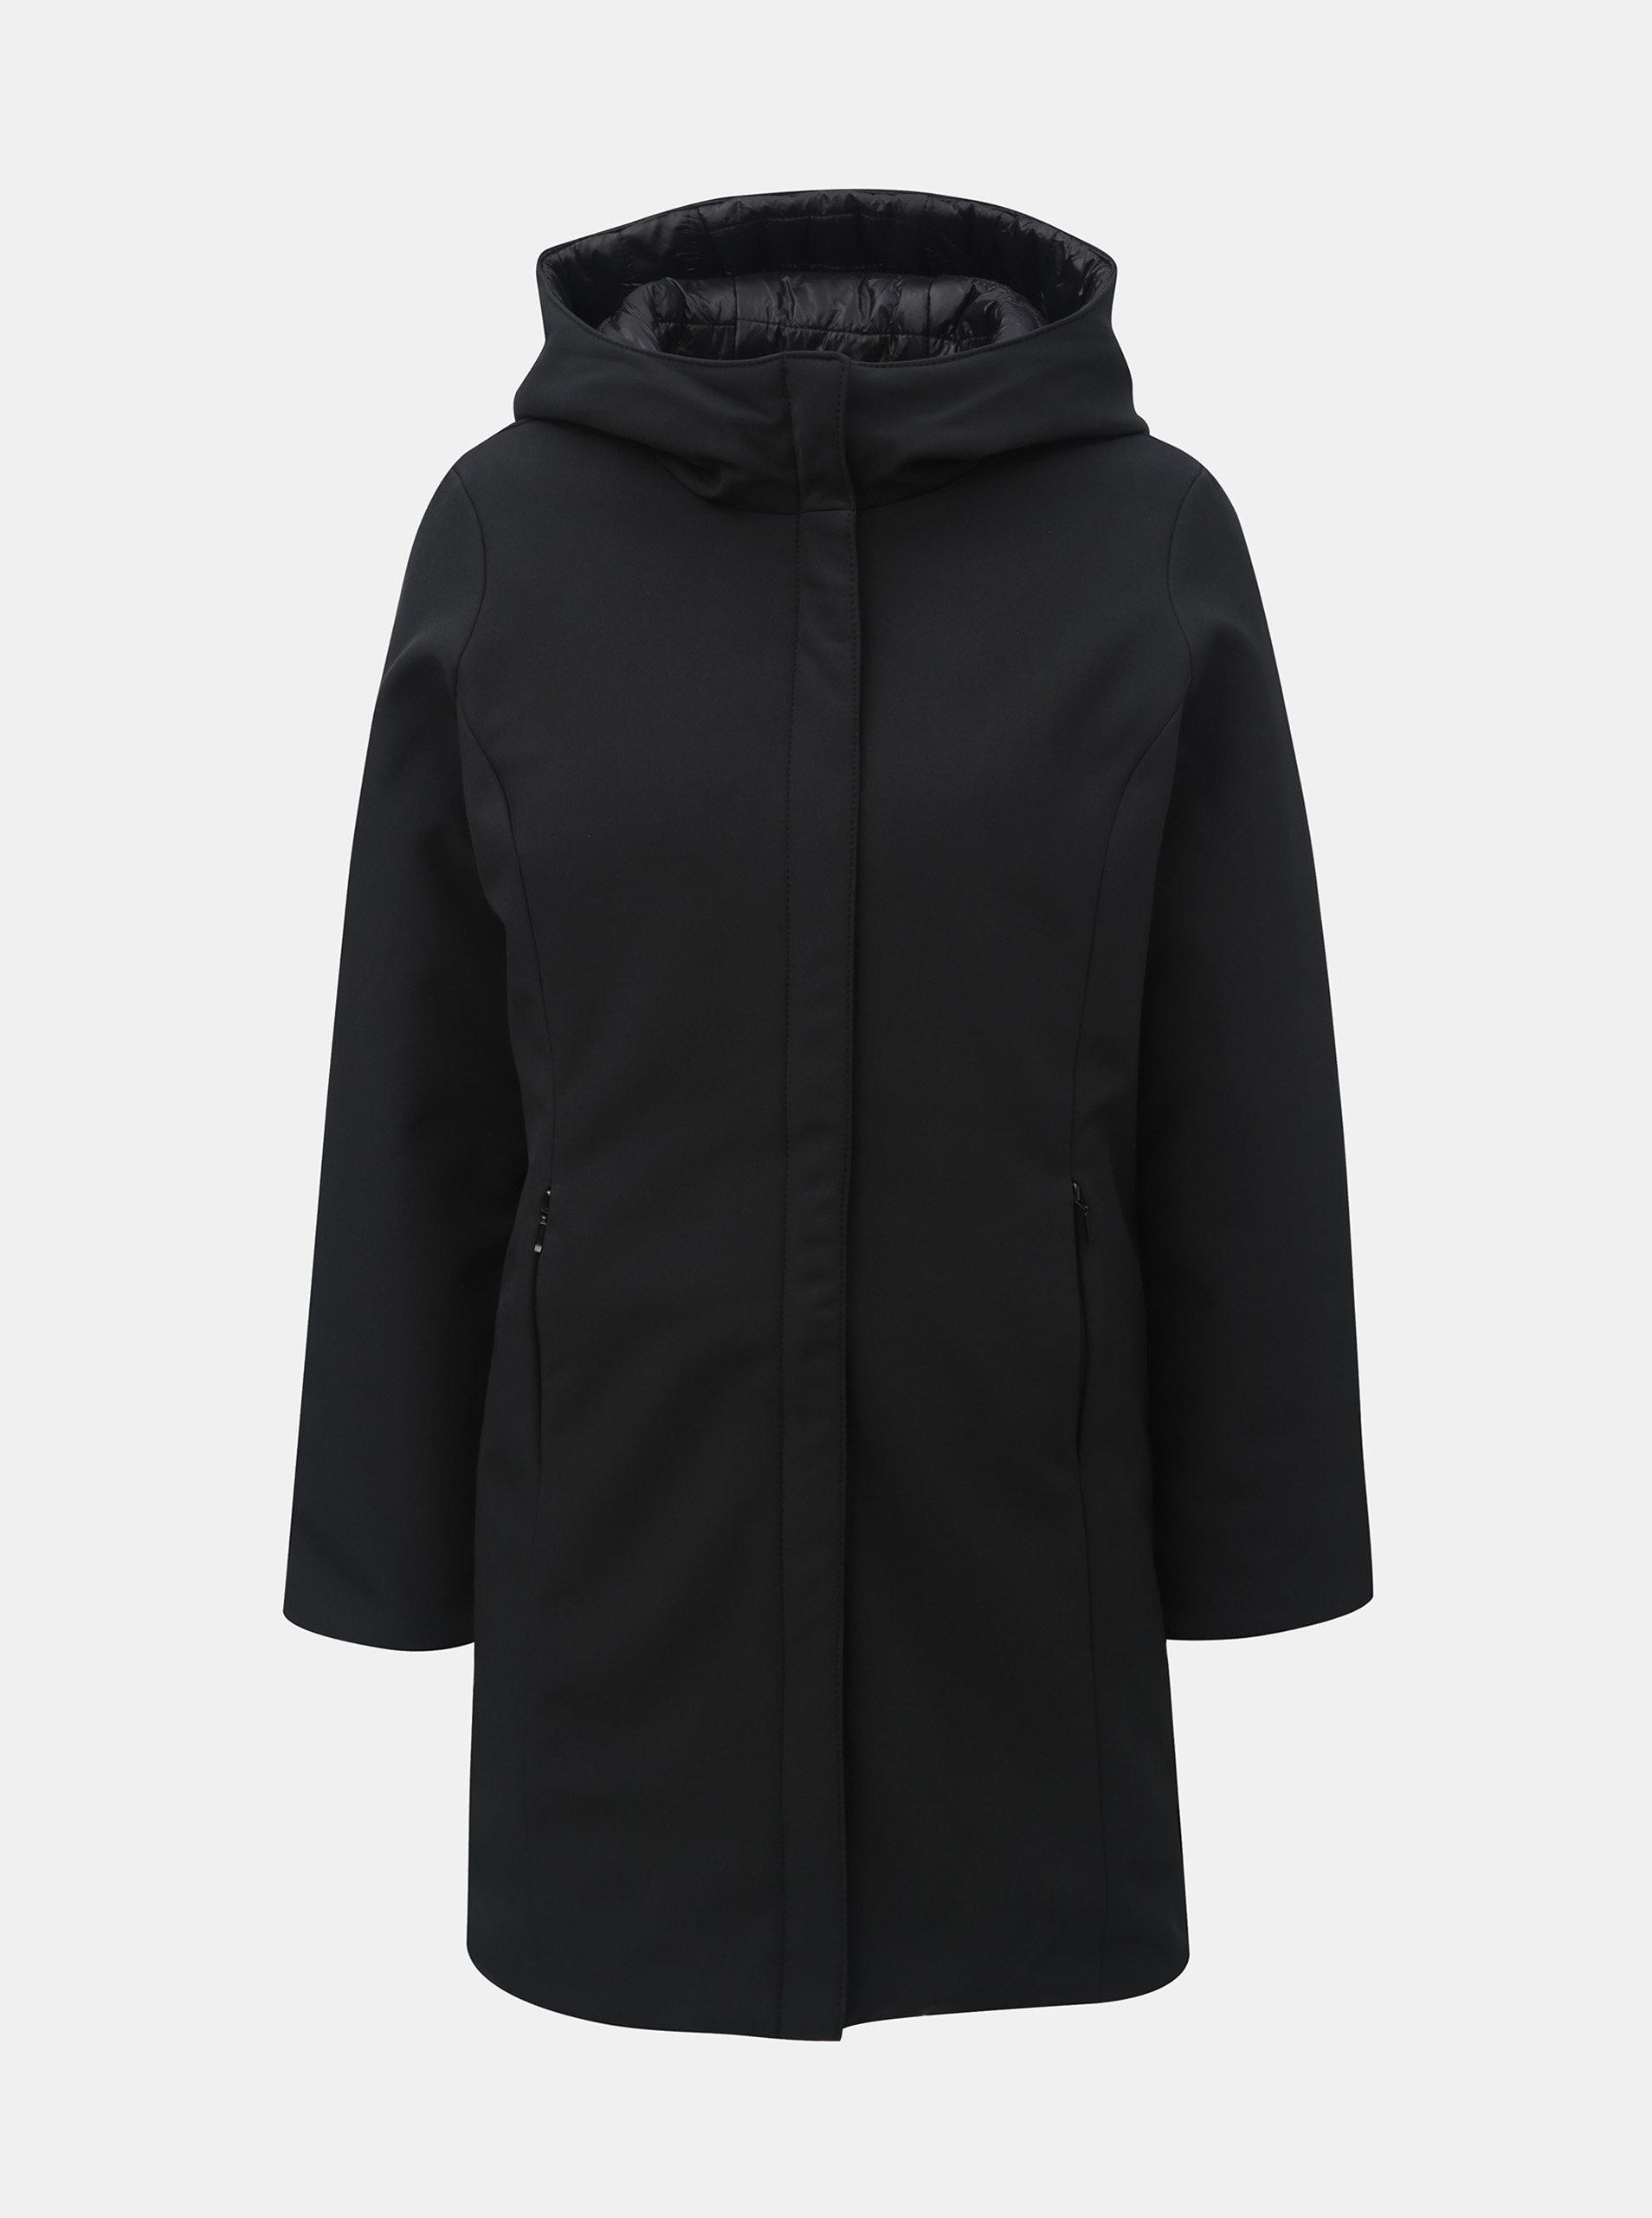 Černý oboustranný kabát s kapucí VERO MODA Reversible ... 2a6011750d9